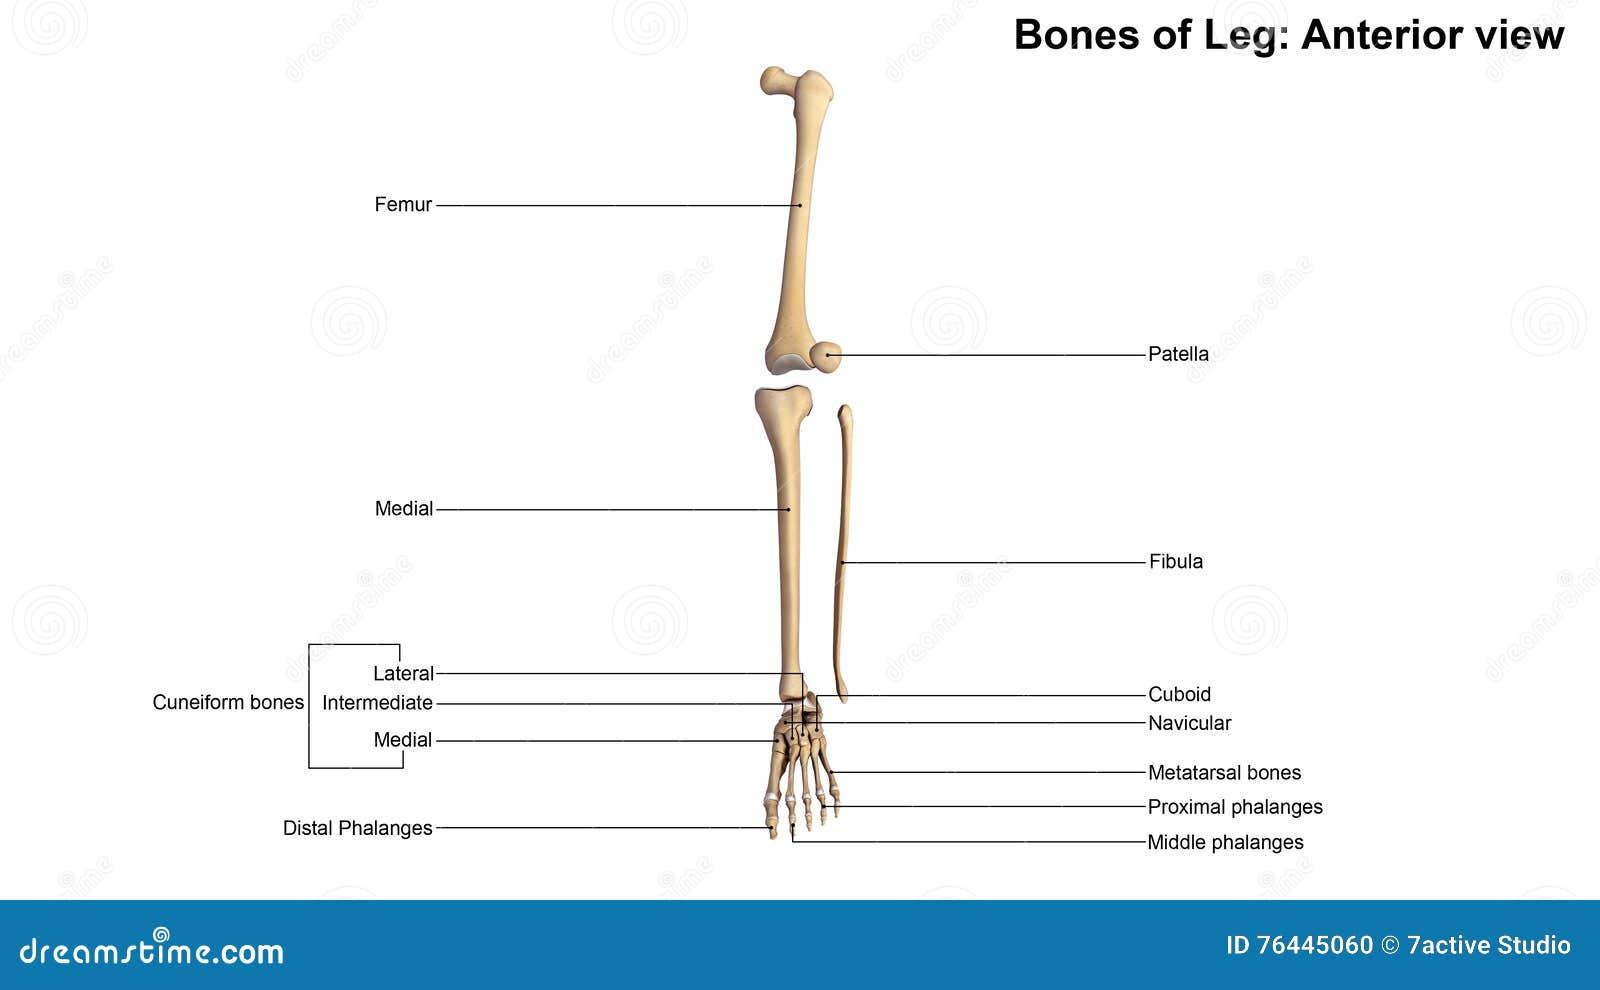 Bones of Leg Anterior view